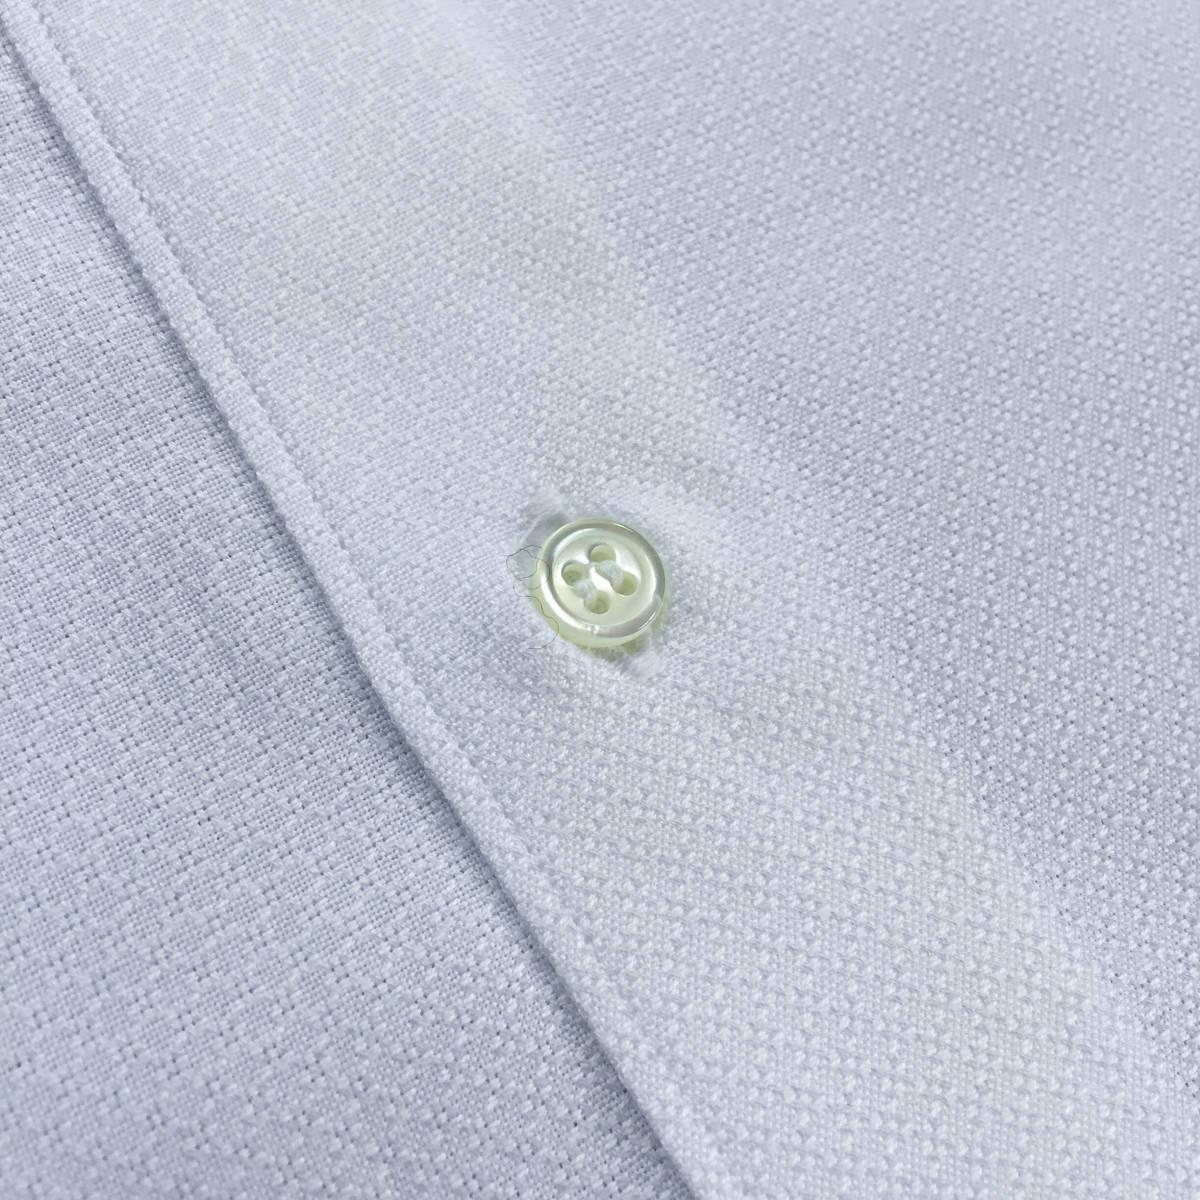 定価¥1.9万【ドメブラNo,1ドレスシャツ★アングレー】新品 ジャガードコットン 白 クールビズ最適 カッタウェイ スリムフィット 40 M_画像7